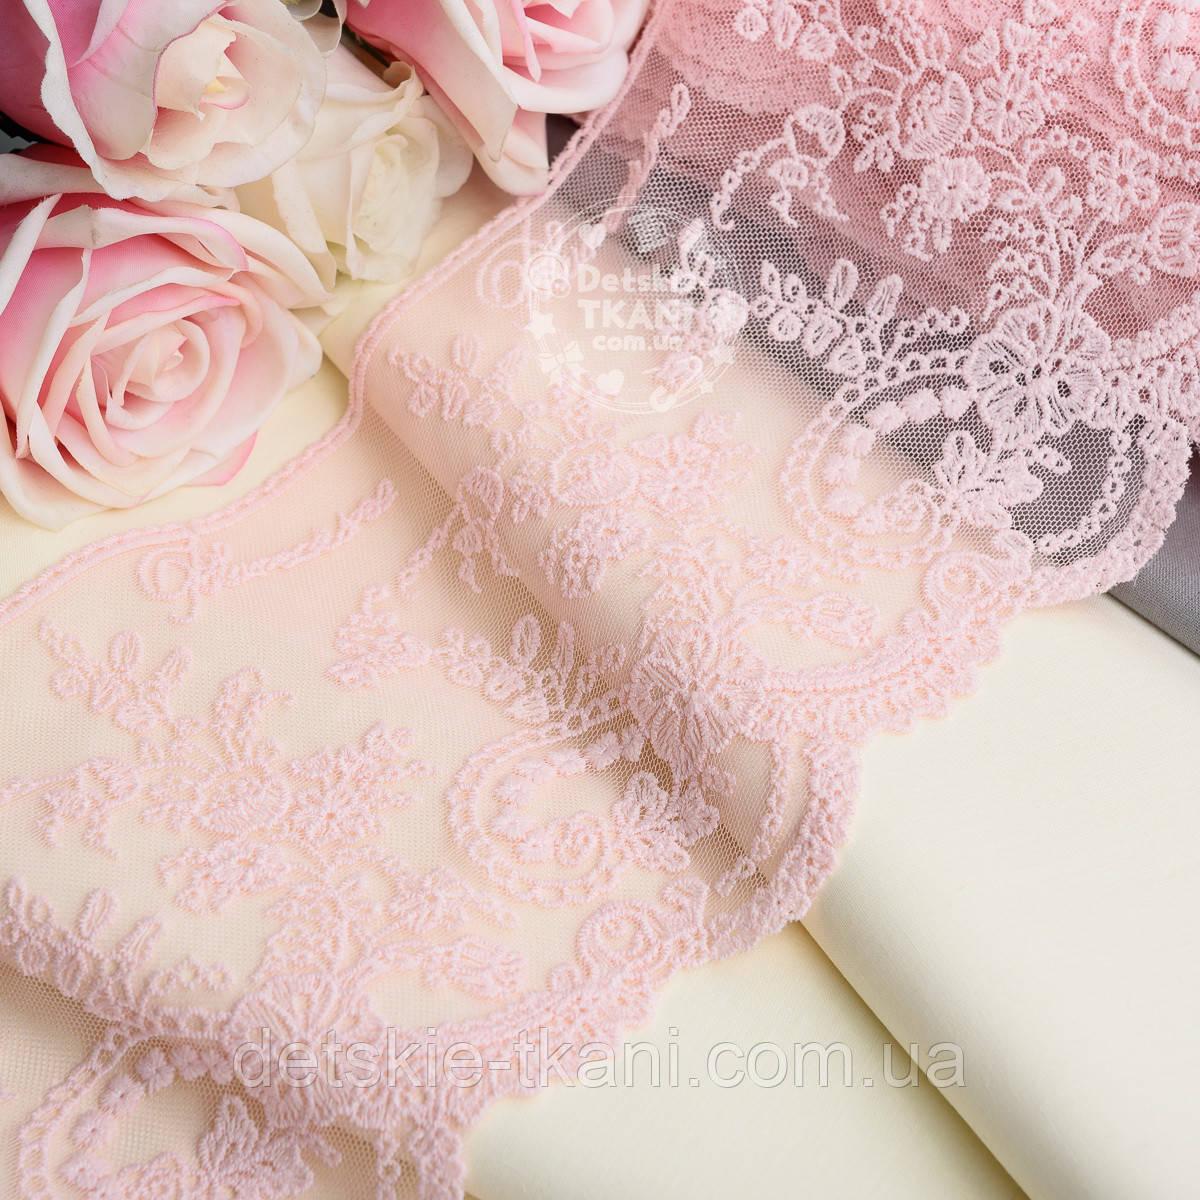 Кружево  Блюмарин с мелкими цветочками светло-розового цвета с хлопковой нитью, 14 см.